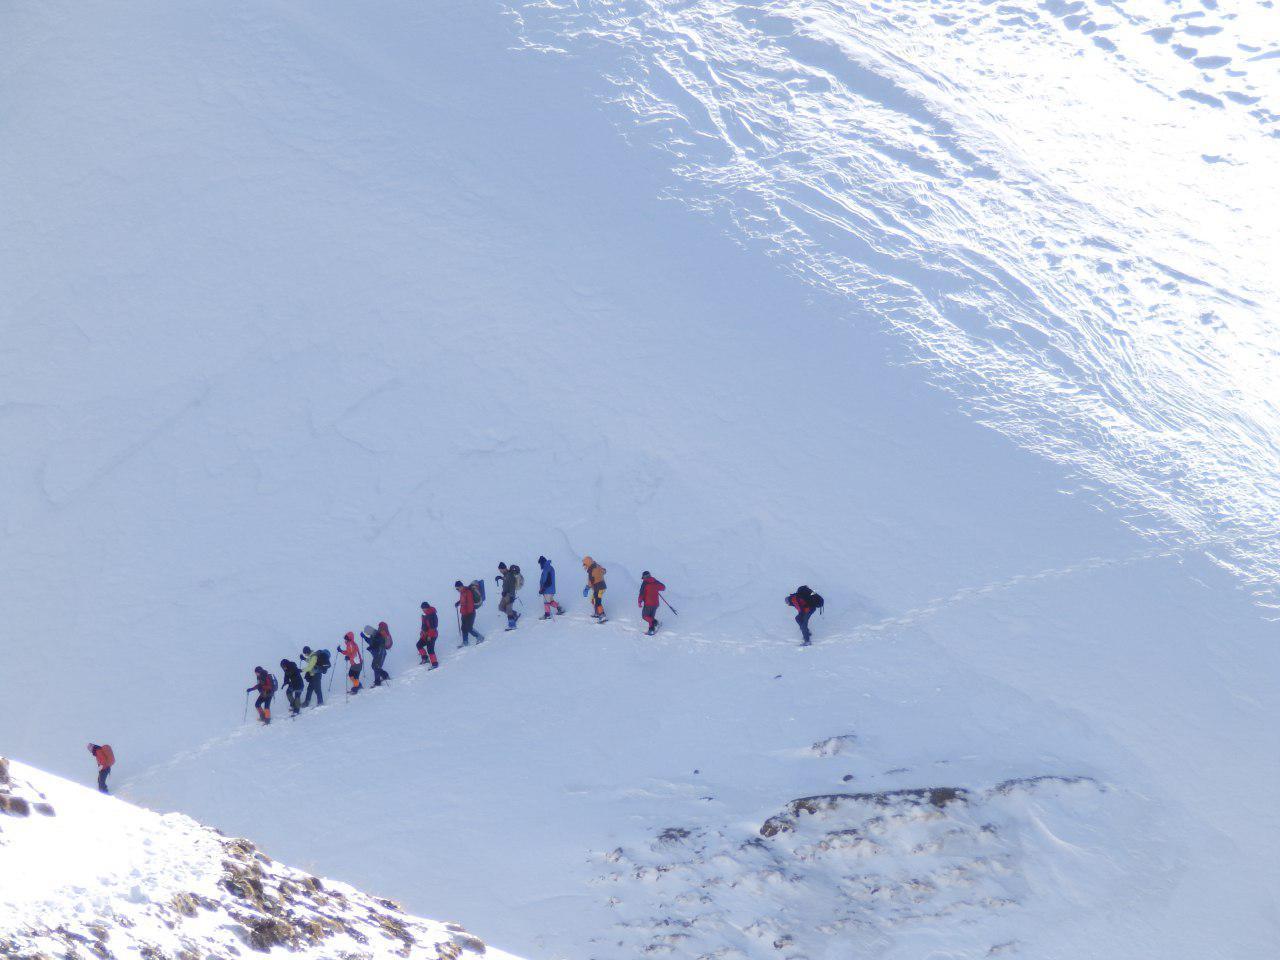 تصویر از برنامه ۲۰ بهمن ۱۳۹۶ – قله بزقوش سراب